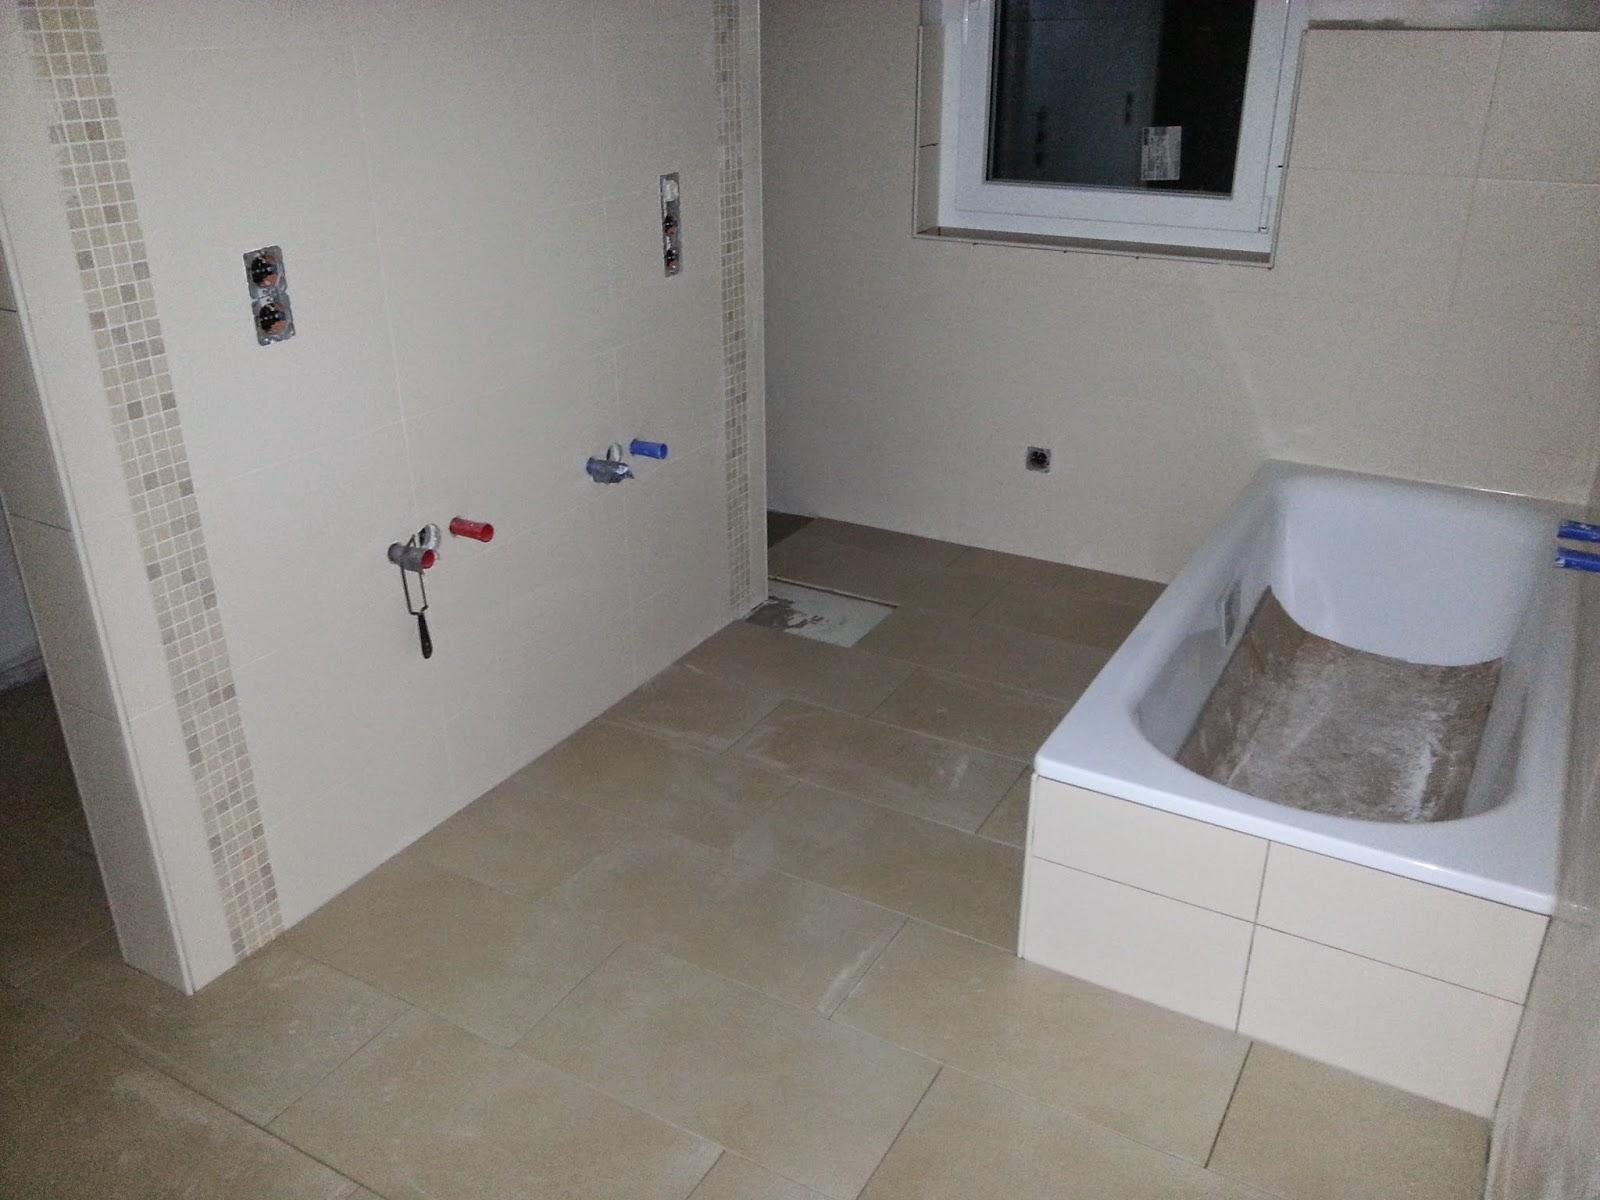 wir bauen ein okal haus bodenfliesen teilweise drin. Black Bedroom Furniture Sets. Home Design Ideas